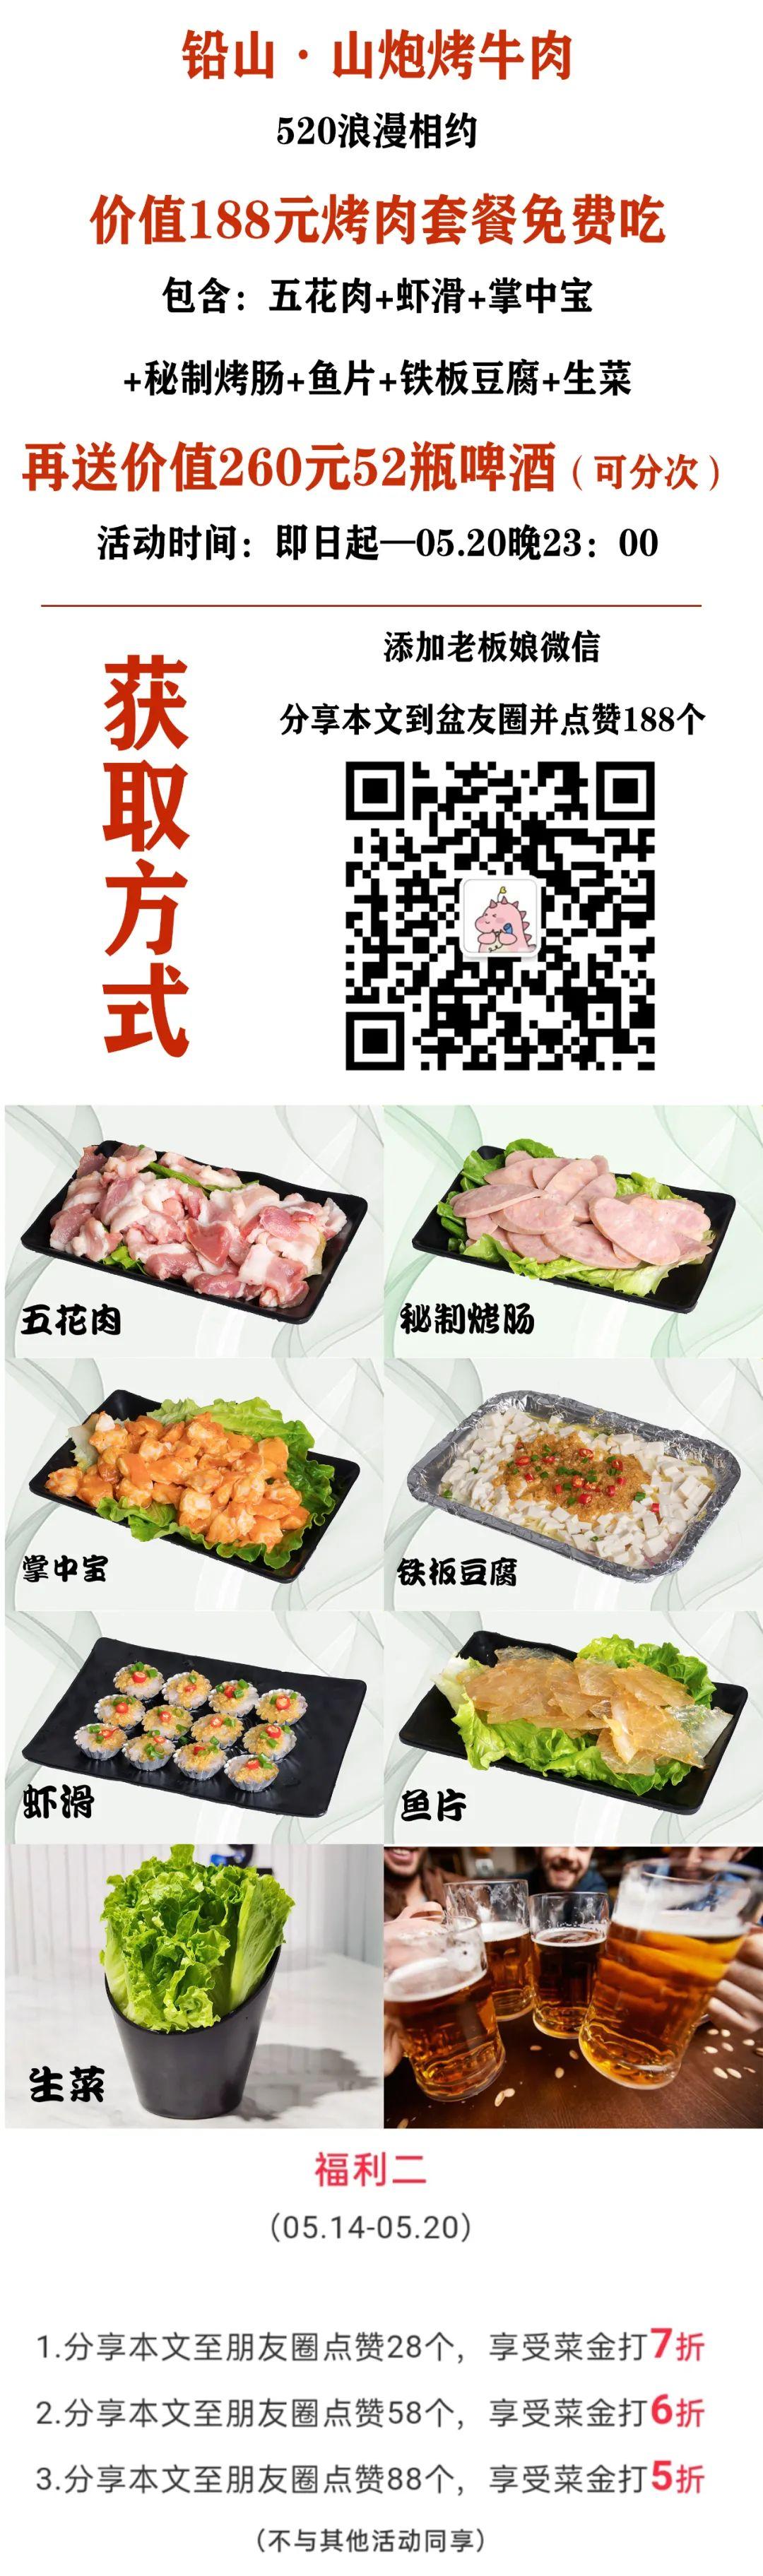 铅山【山炮烤牛肉】喊你吃烤肉啦!188元套餐无限量免费送!